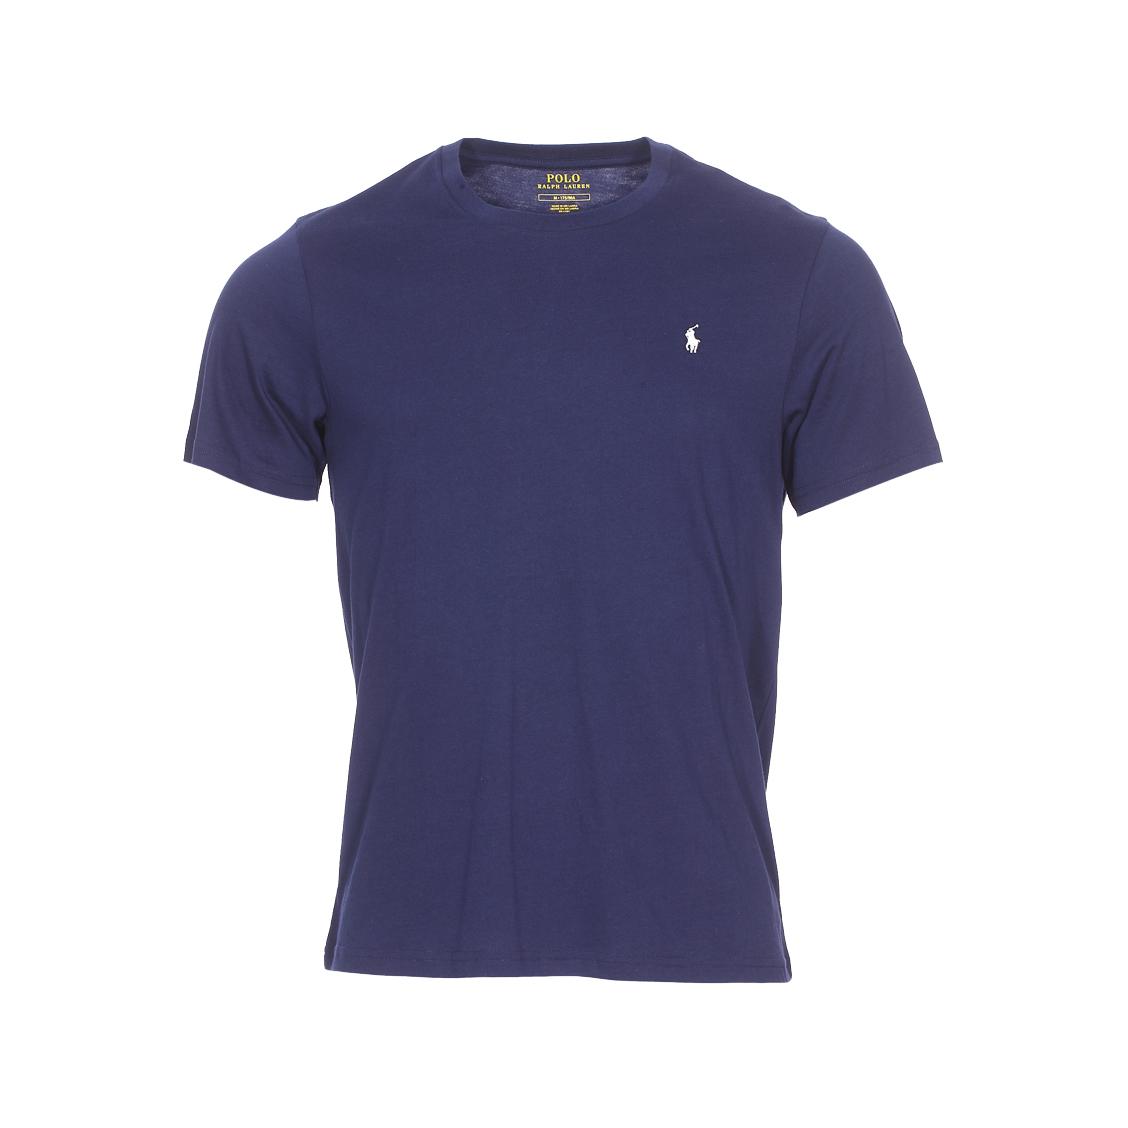 Tee-shirt col rond  en coton bleu marine à logo blanc brodé